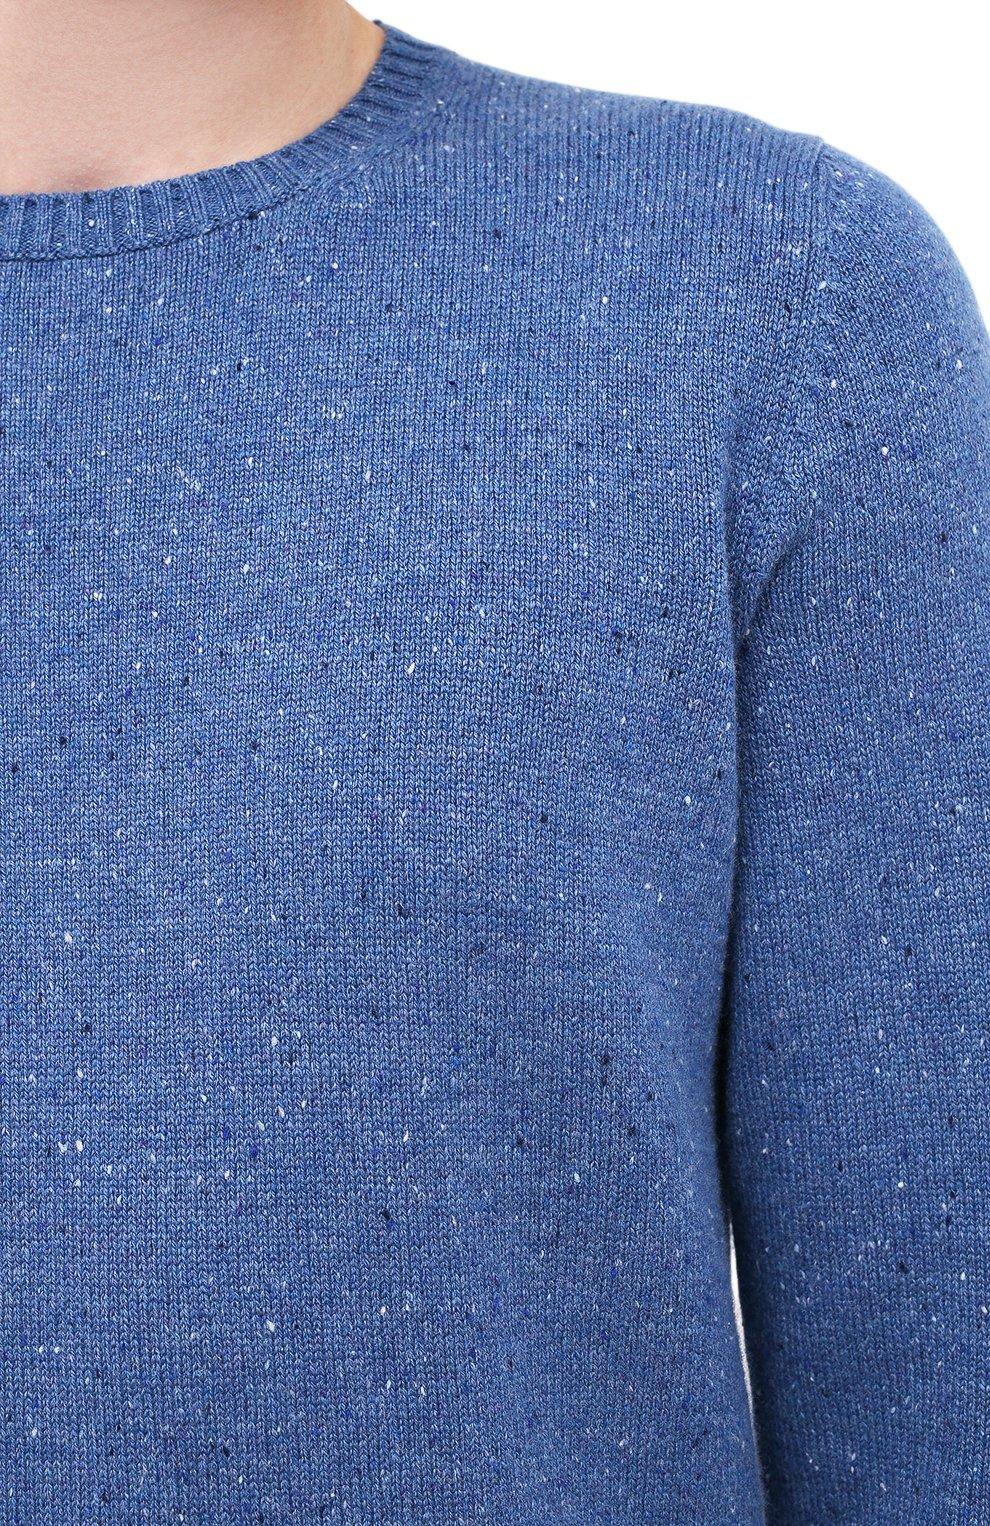 Мужской кашемировый свитер FEDELI синего цвета, арт. 3UI08095 | Фото 5 (Материал внешний: Шерсть; Рукава: Длинные; Принт: Без принта; Длина (для топов): Стандартные)